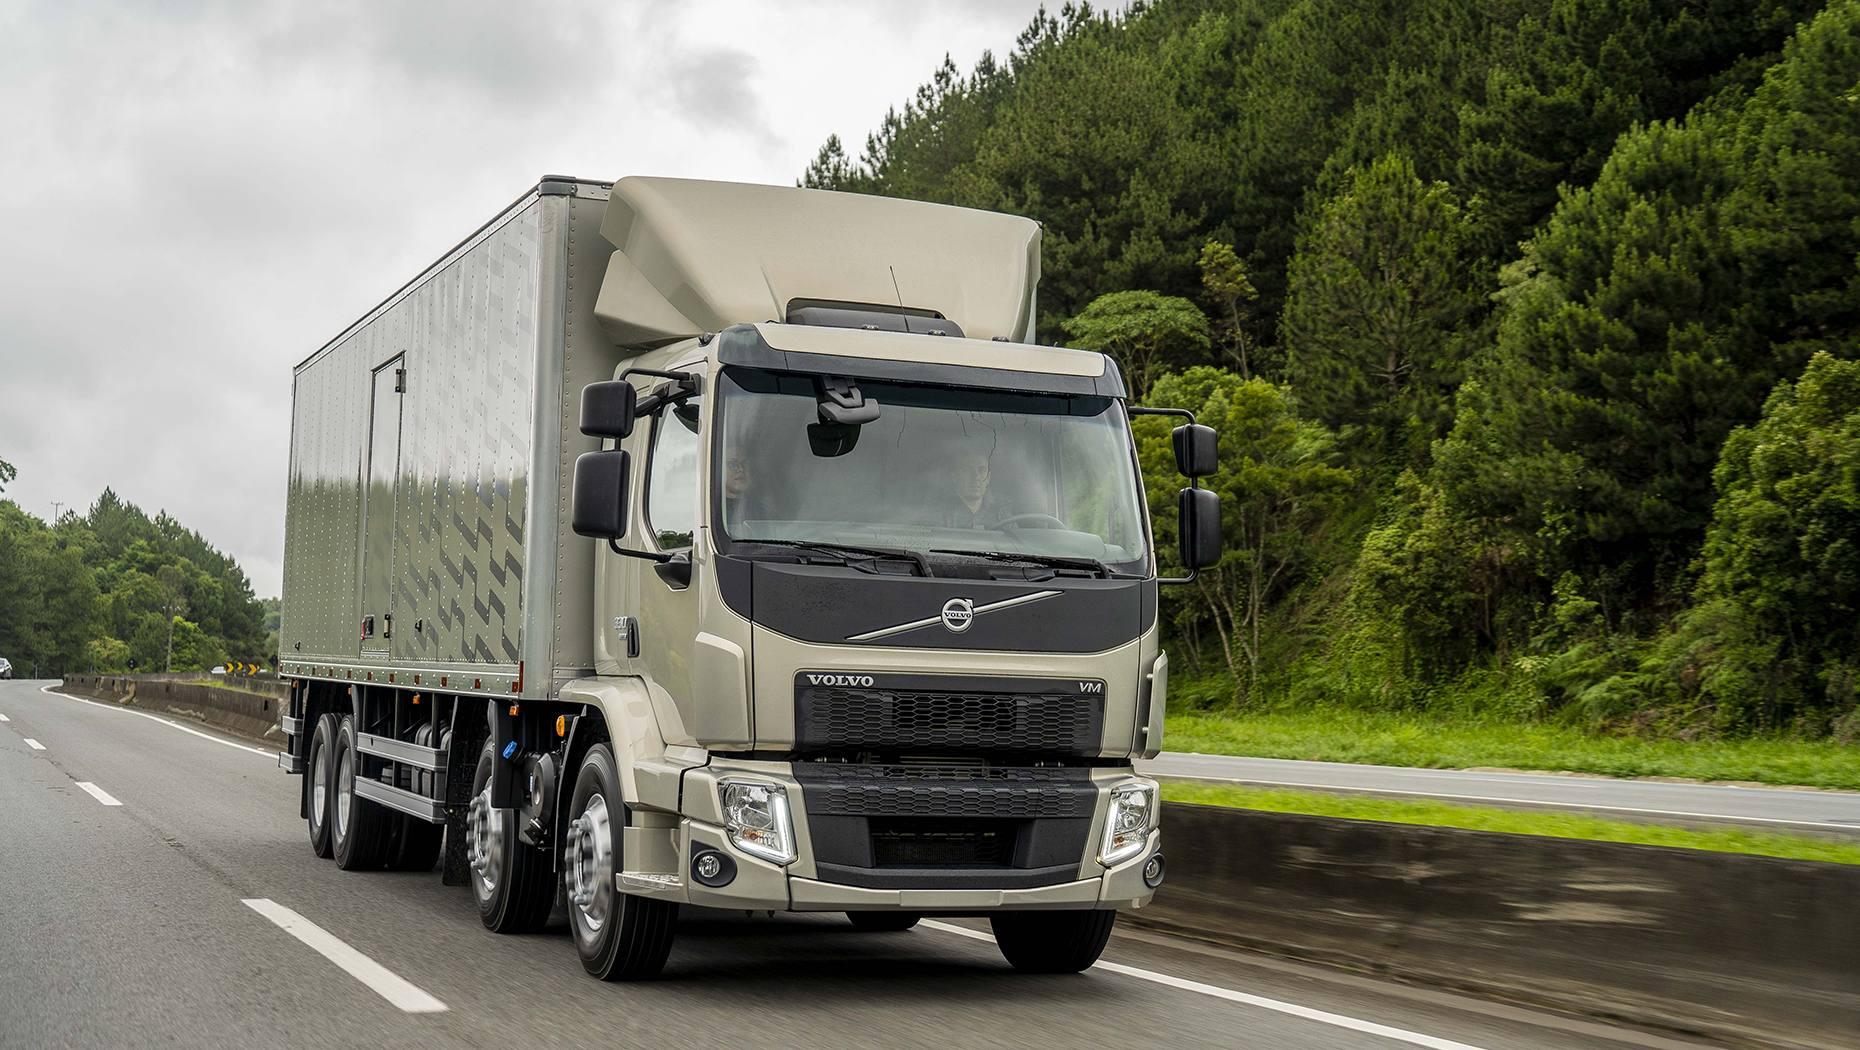 Com vendas do VM em alta, Volvo lança versão 2022 com mudanças internas na cabine